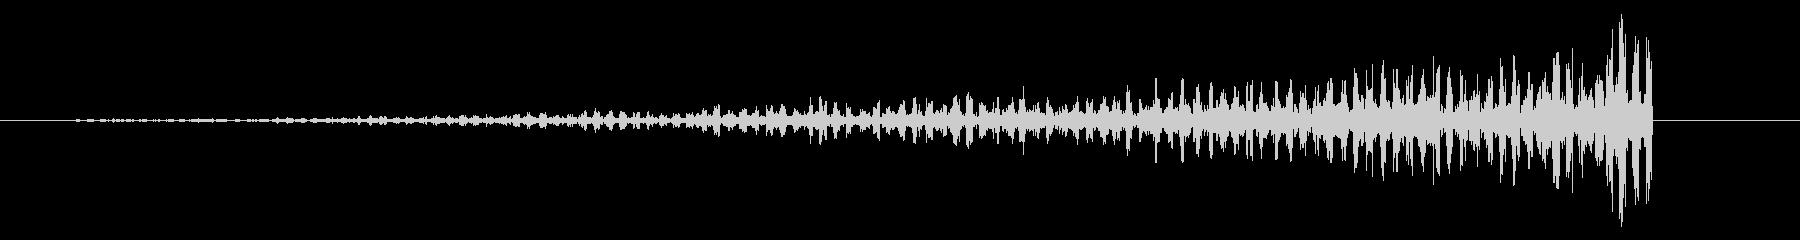 ディープパルスリバースの未再生の波形